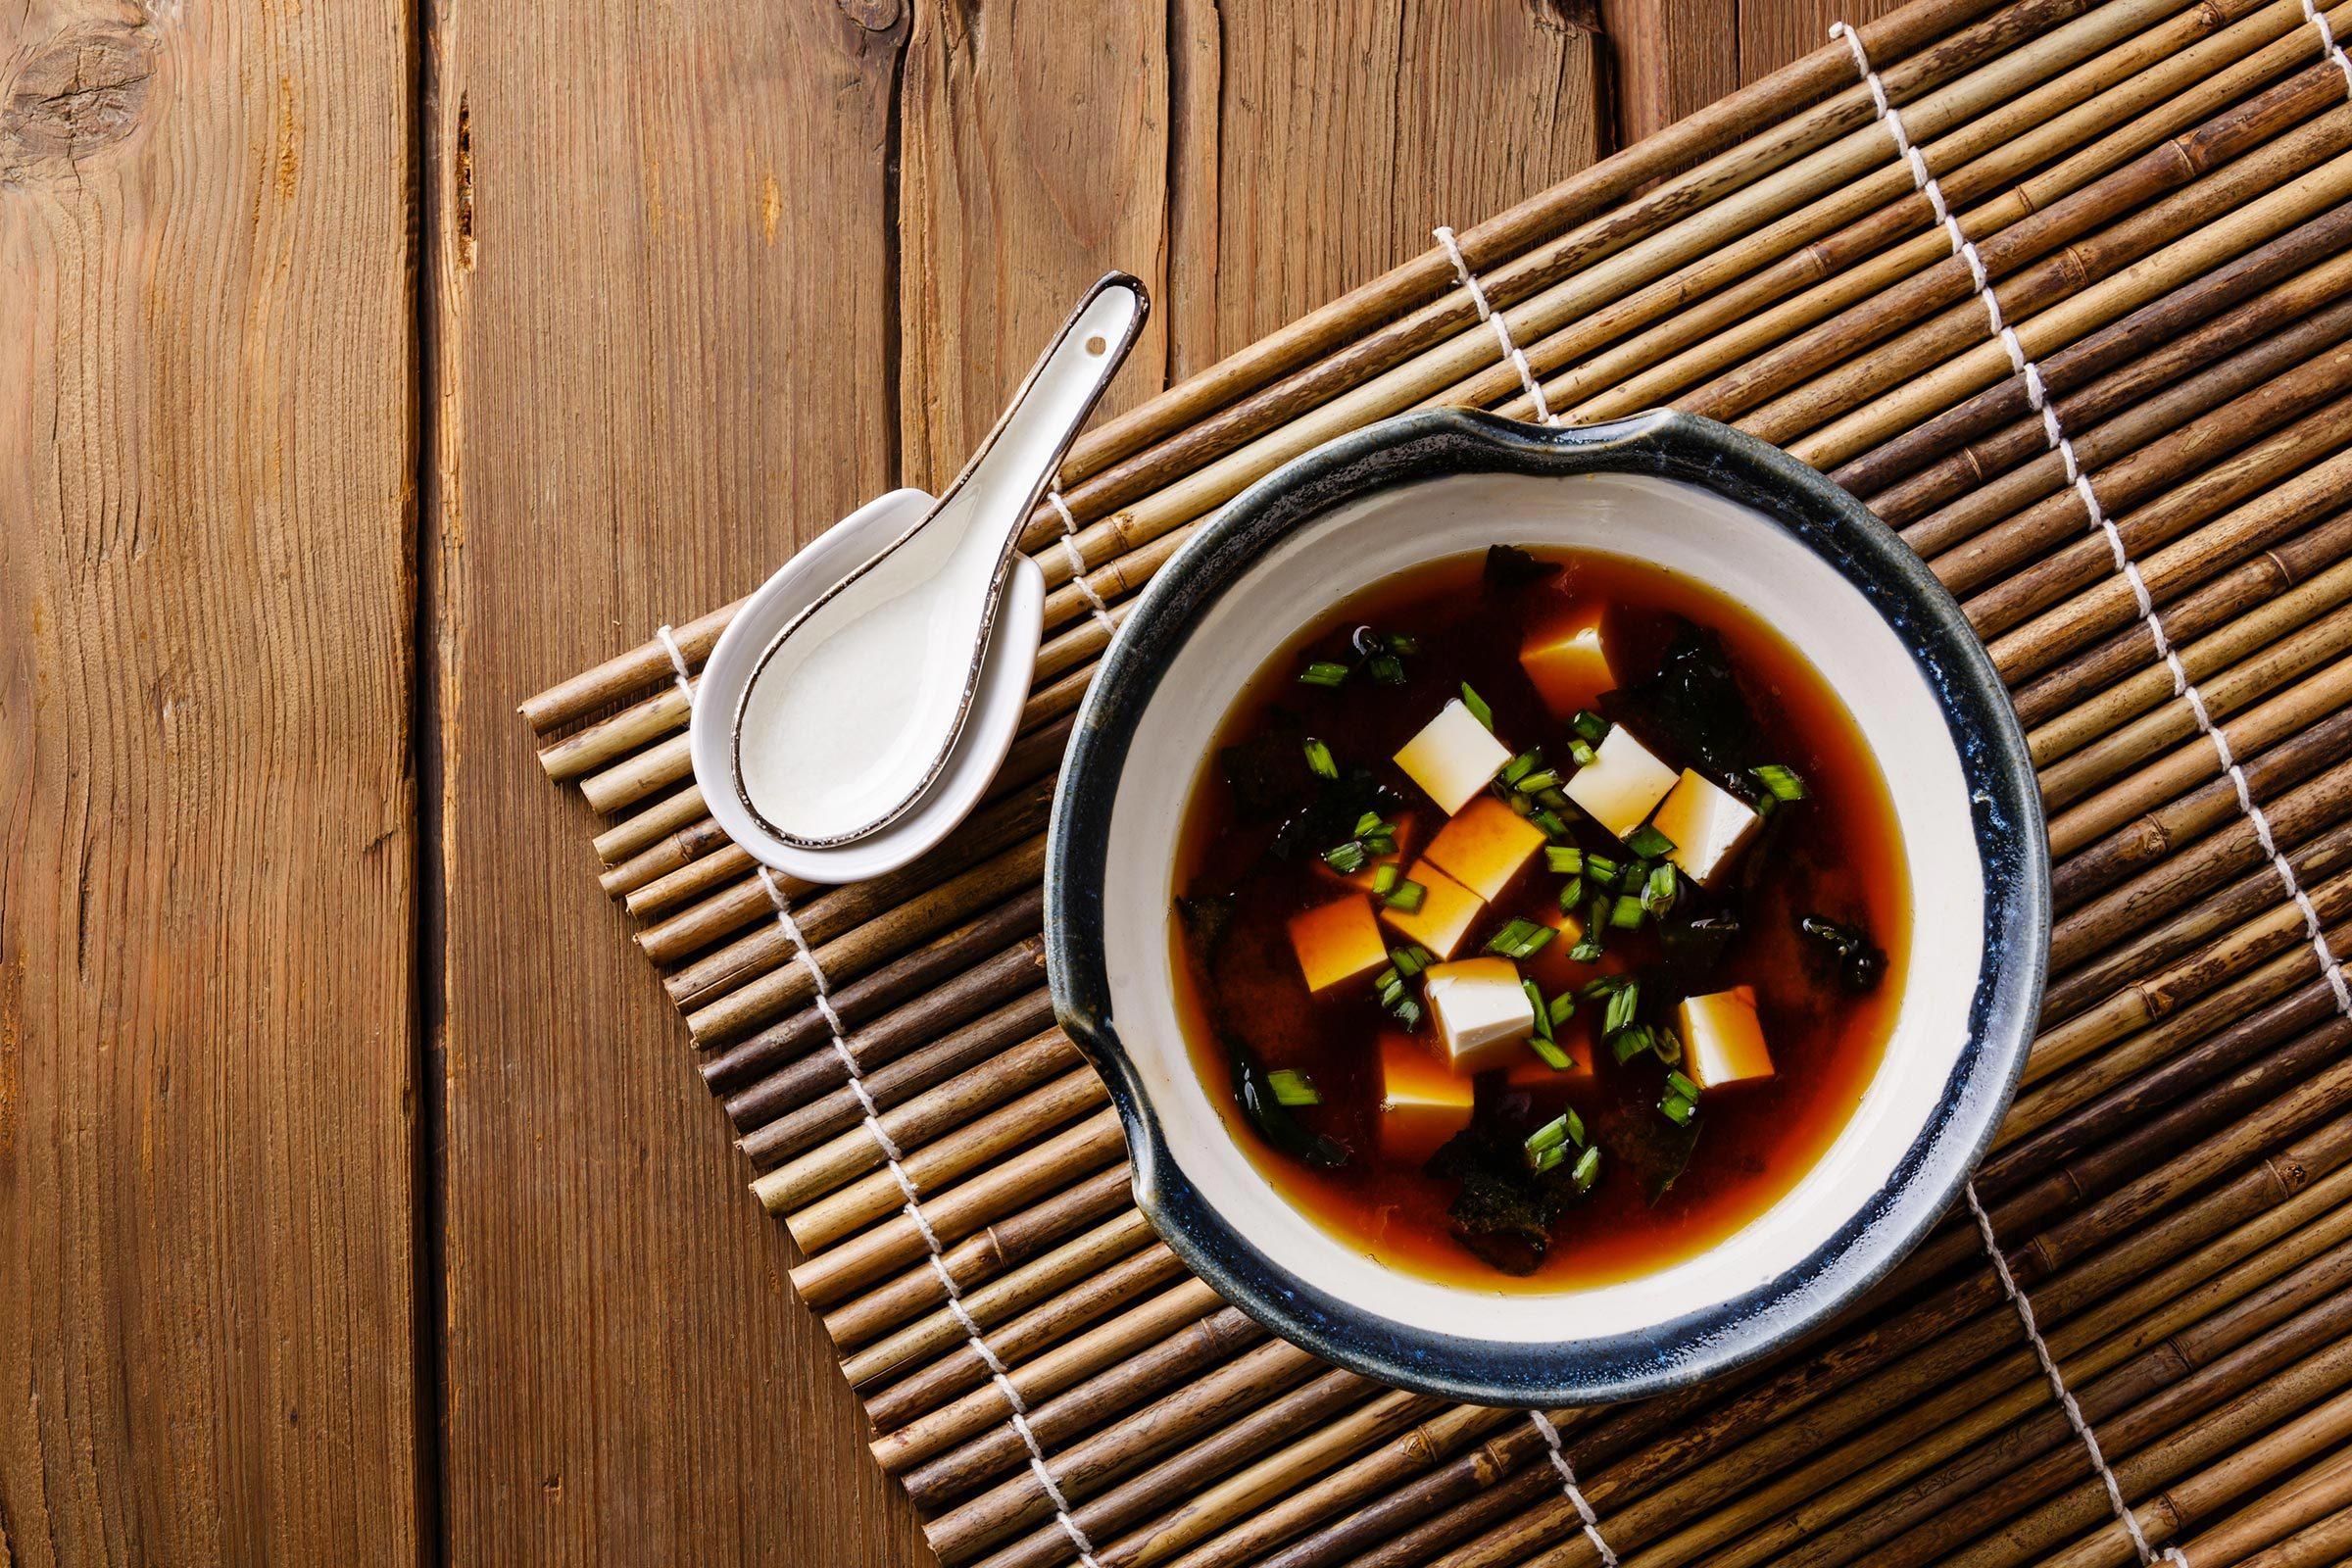 Les accompagnements des sushis sont également bons pour la santé.